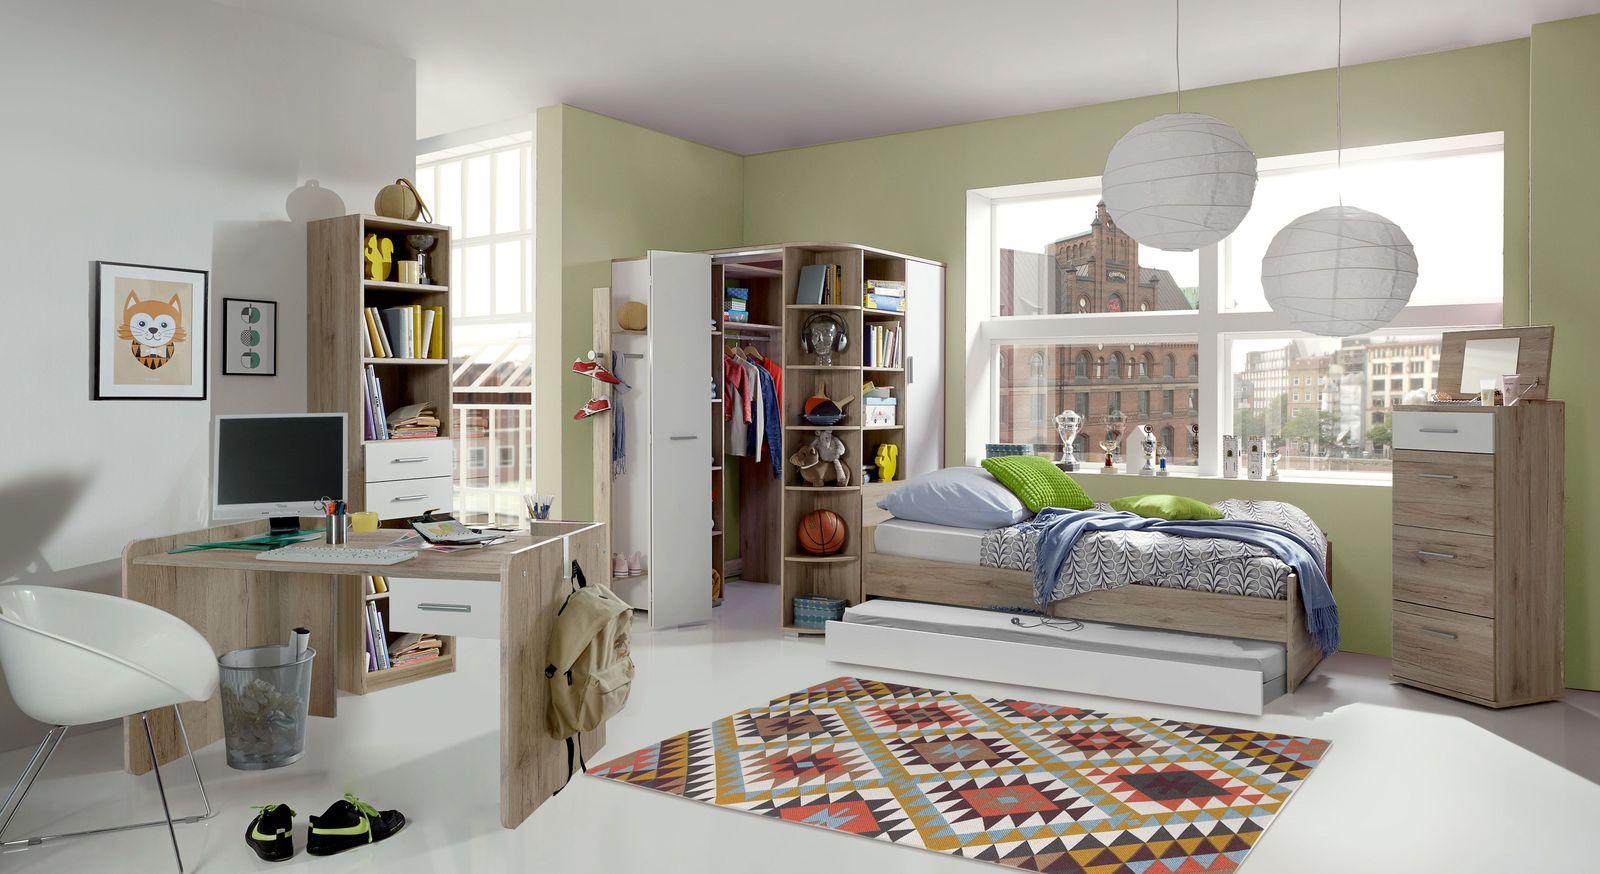 Jugendzimmer Zagra mit Möbeln aus MDF